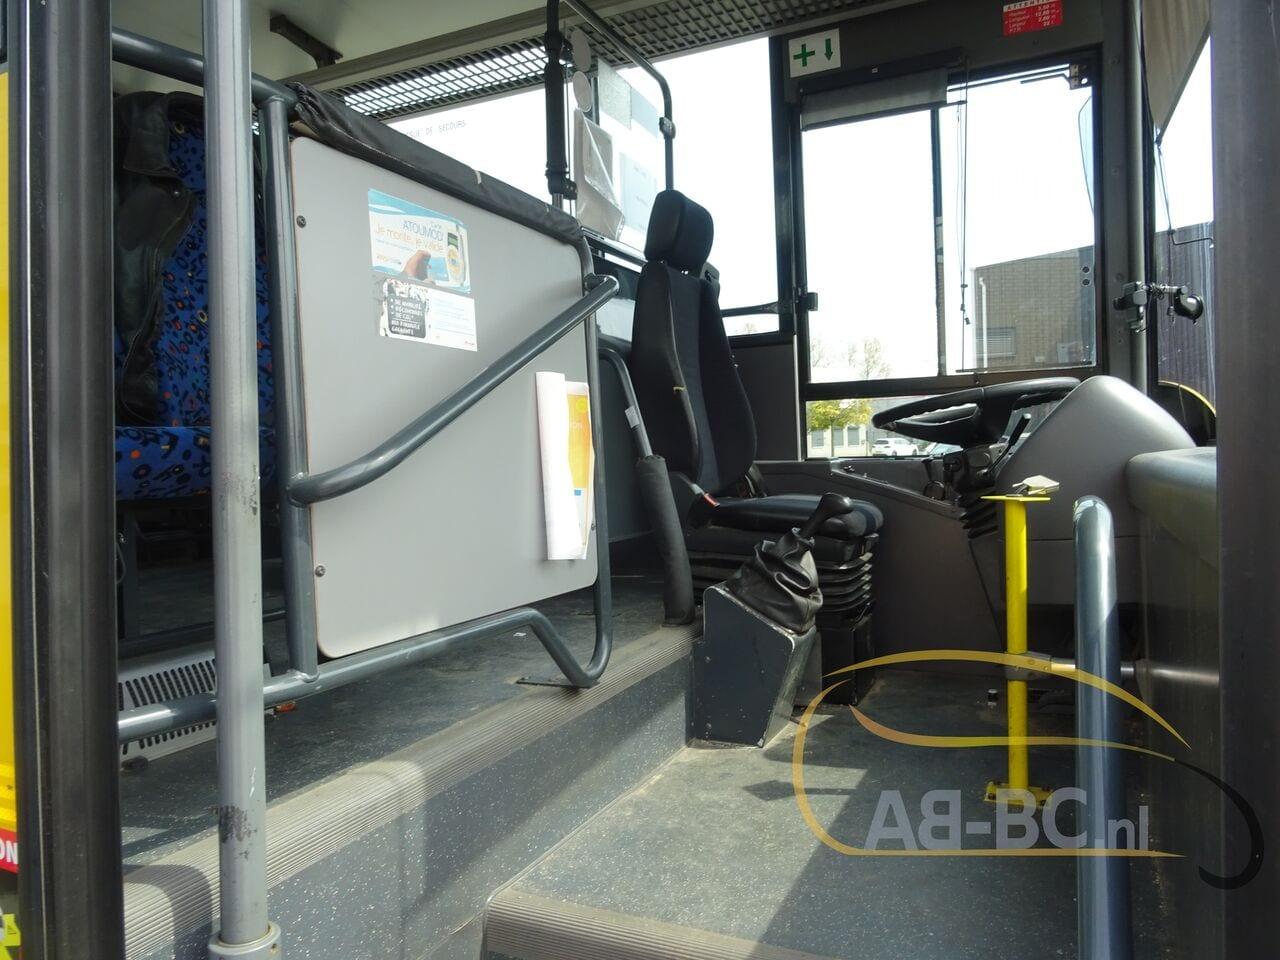 interurban-busMAN-Fast-64-seats---1619619853245675476_big_f996188a09292d0238558edd8581f95a--21042817163019598600